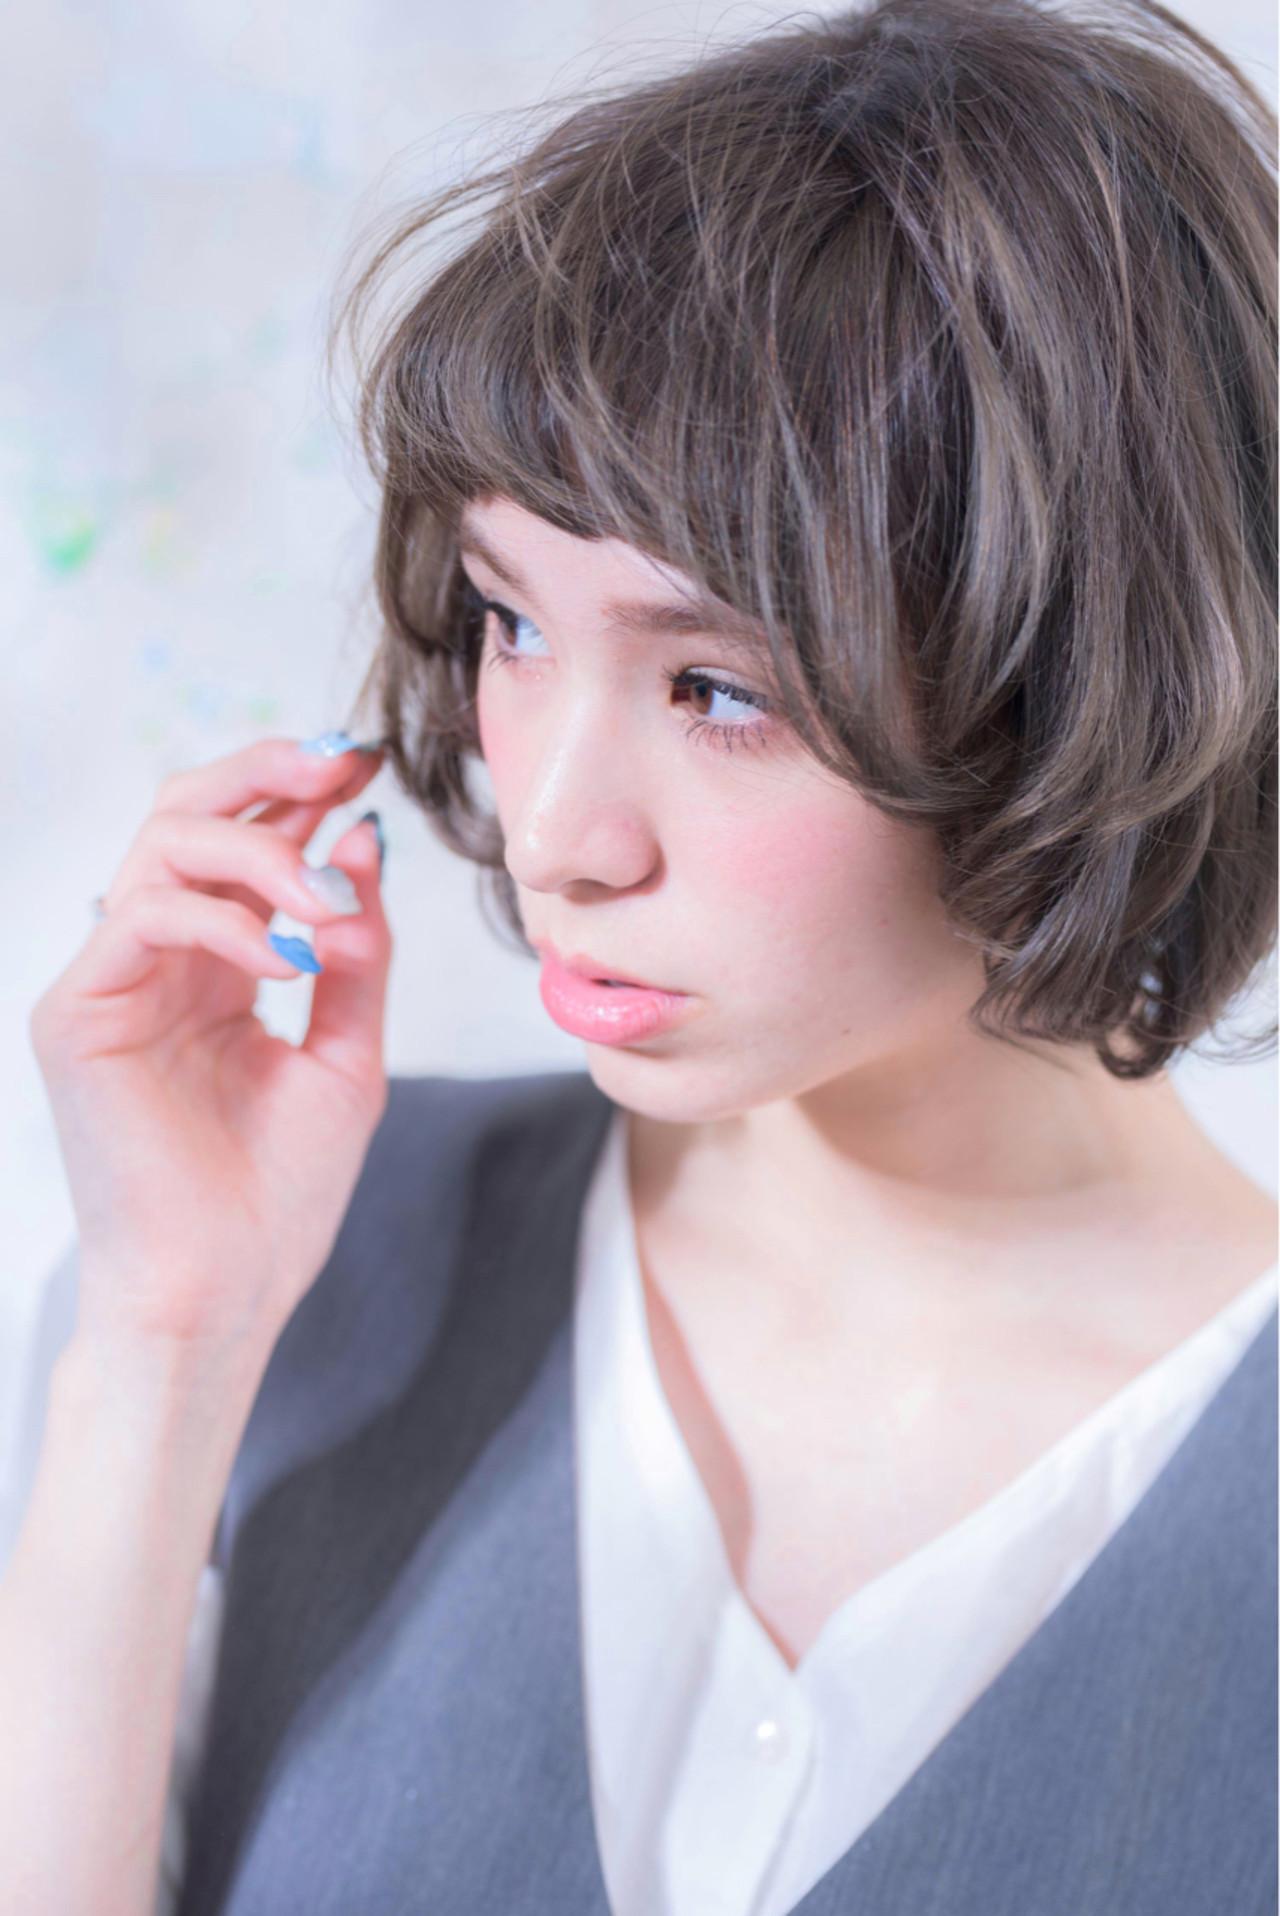 透明感 グレーアッシュ マッシュ ハイライト ヘアスタイルや髪型の写真・画像